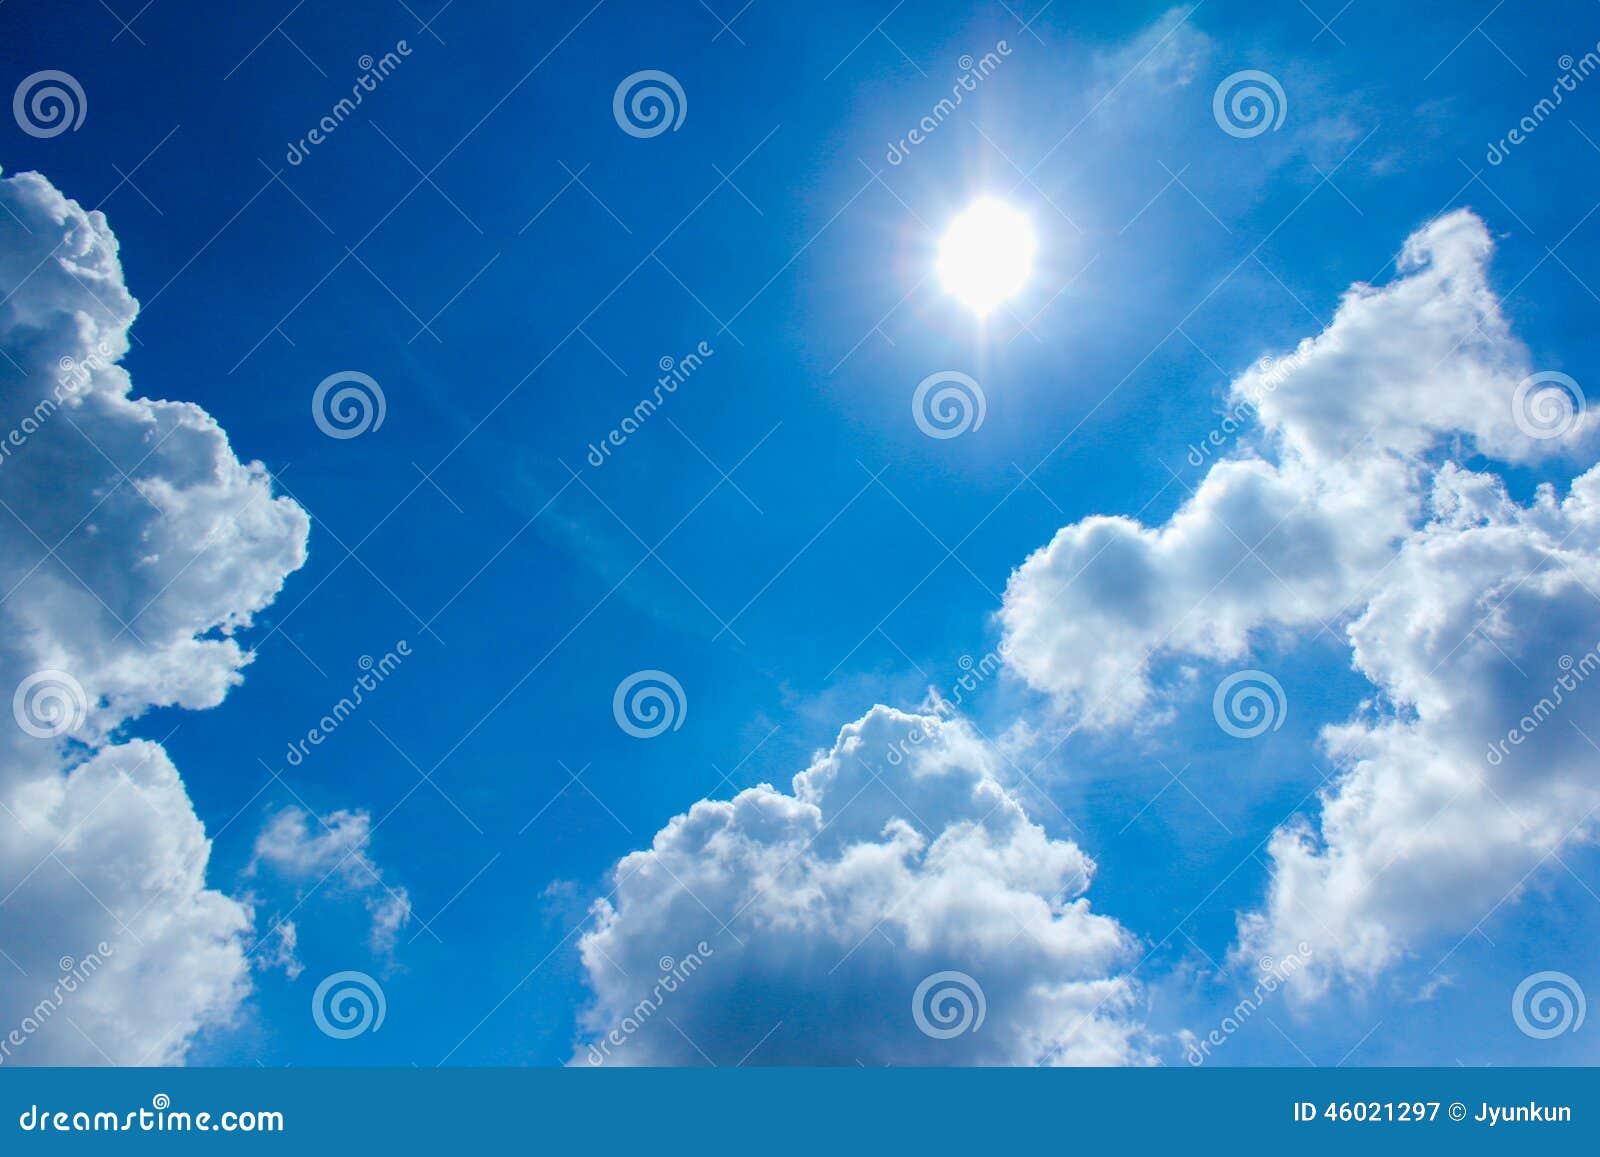 Ausgezeichnet Blauer Himmel Setzt Linkedin Fort Galerie ...